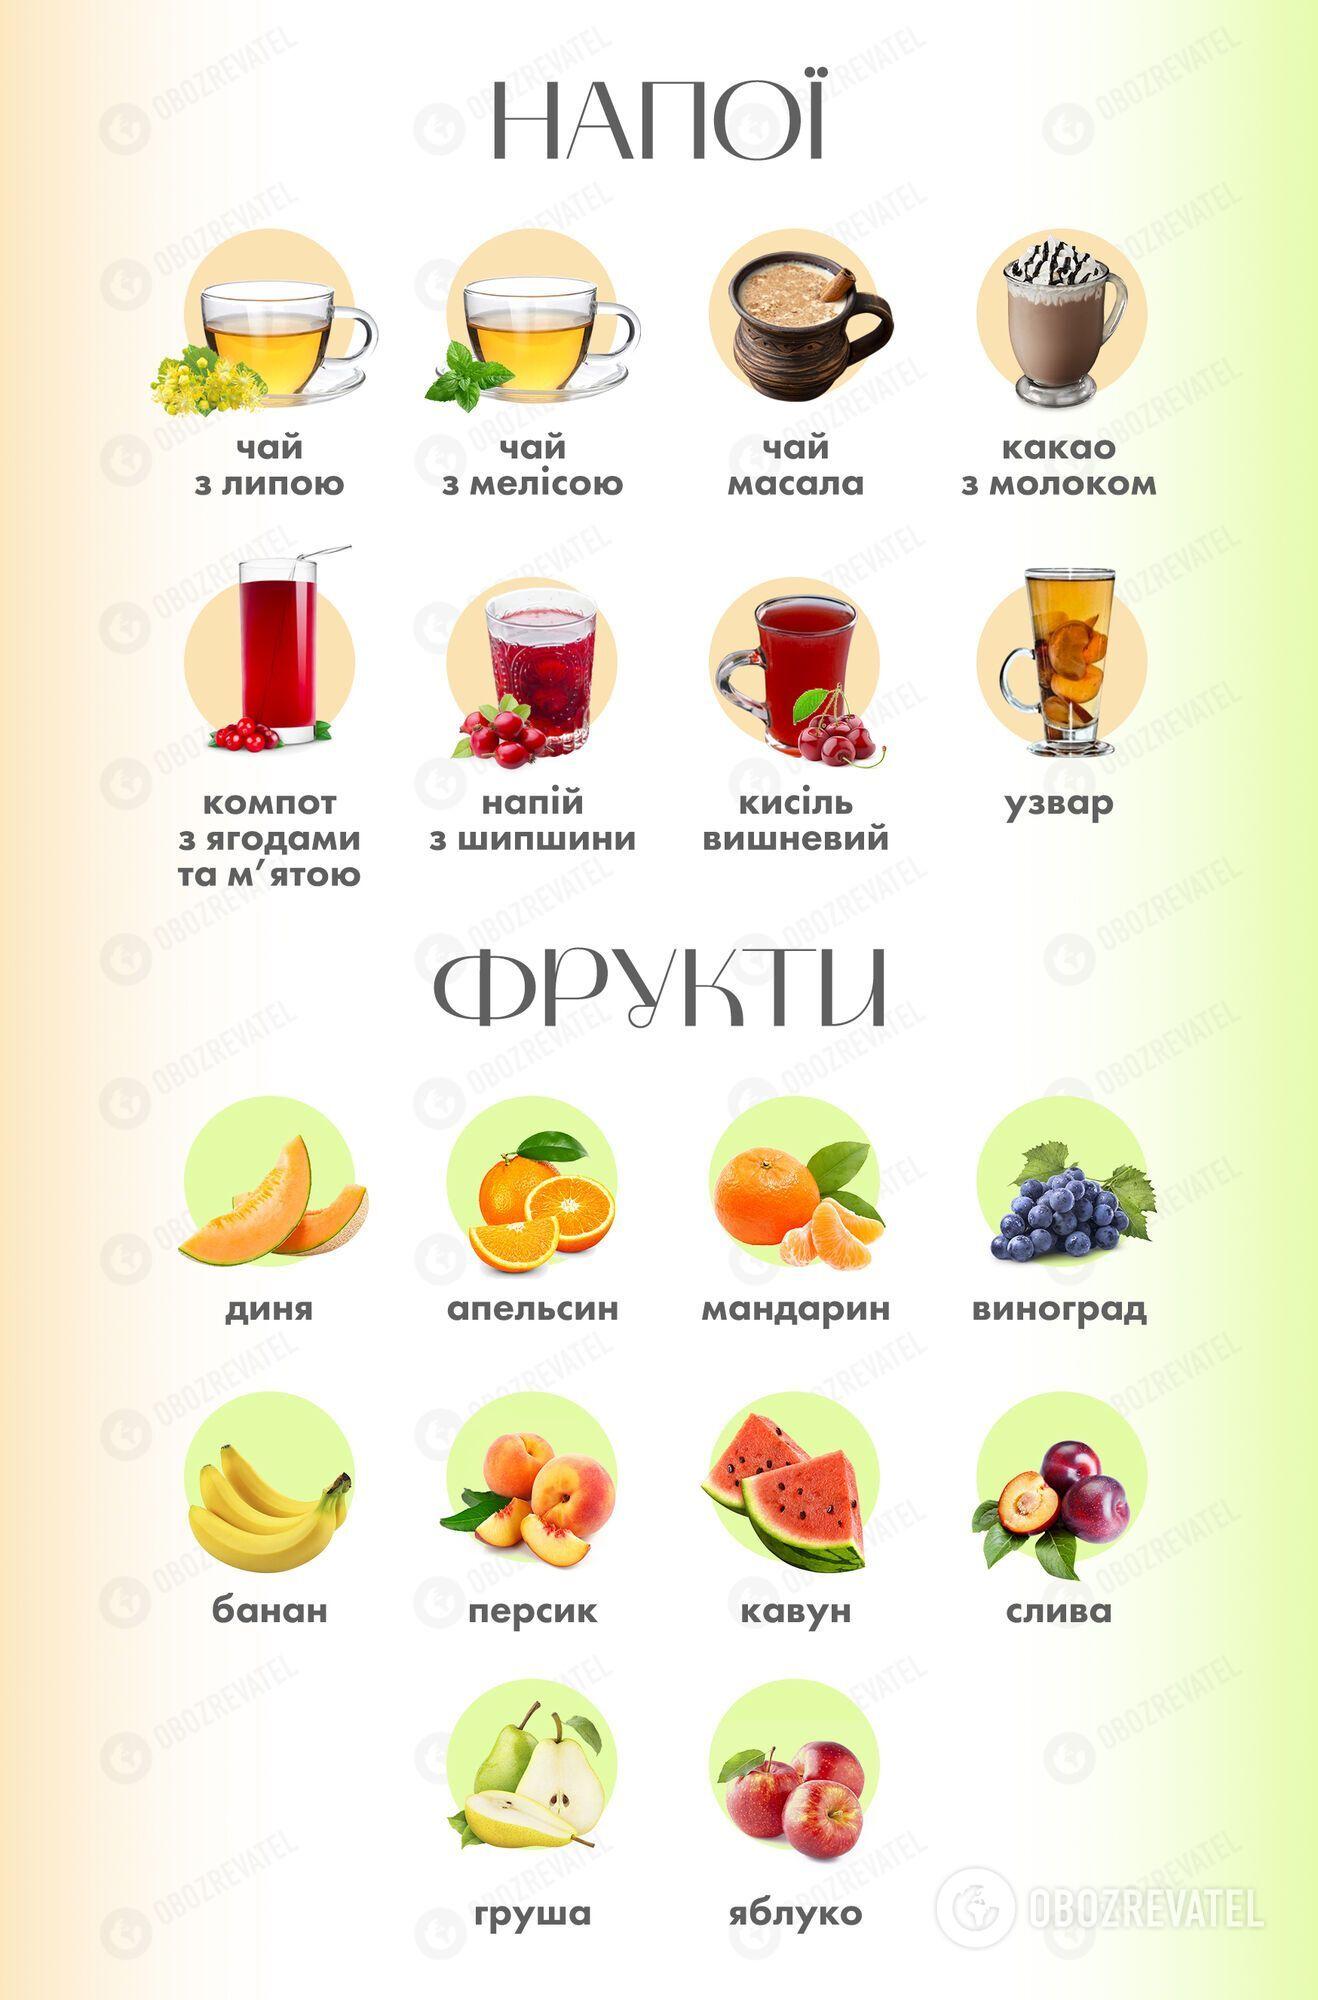 Запропоновані види напоїв у шкільному меню.